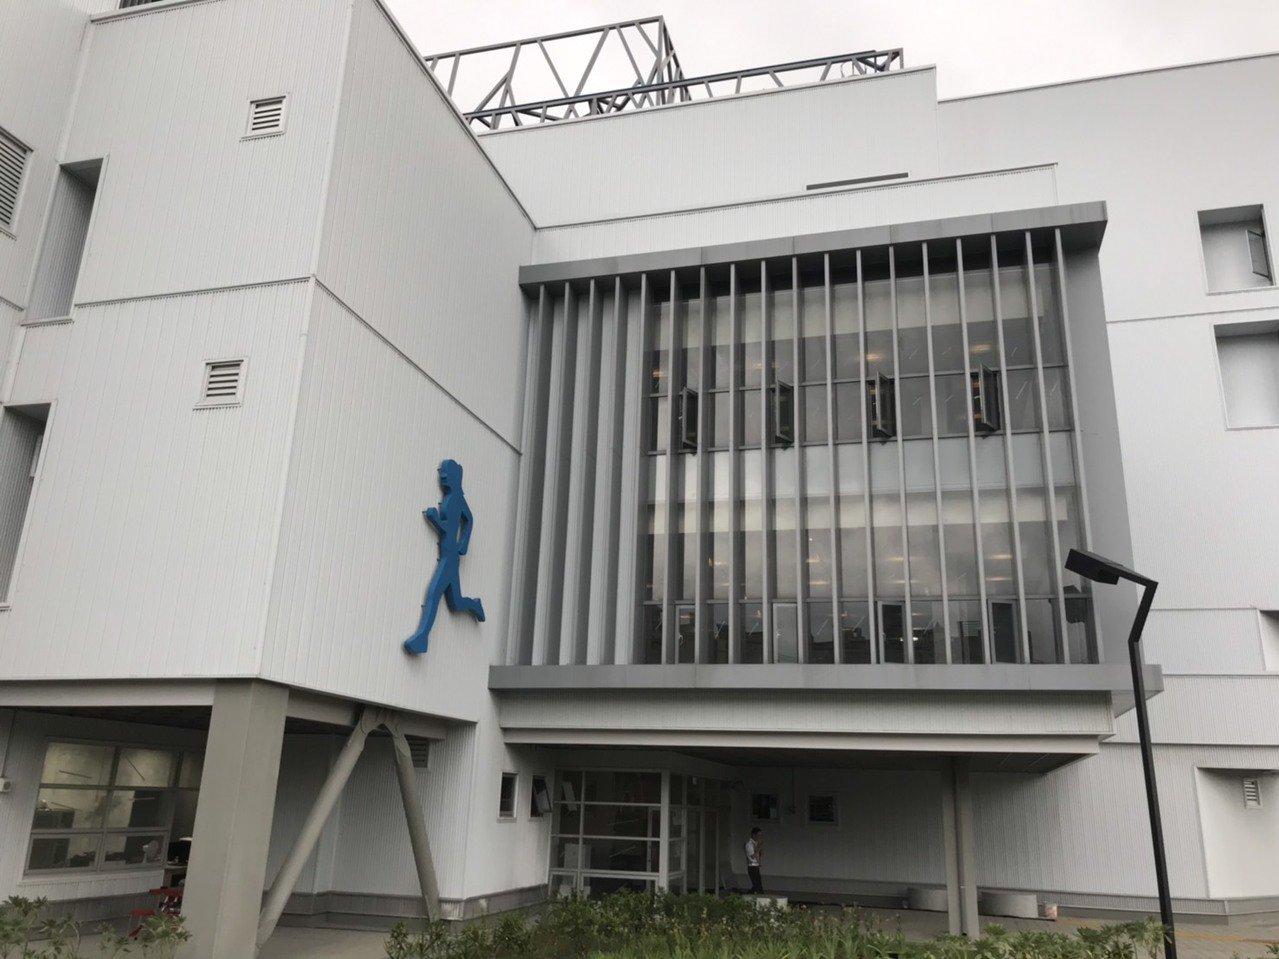 身障者有福了! 蘆竹國民運動中心首創無障礙坡道泳池